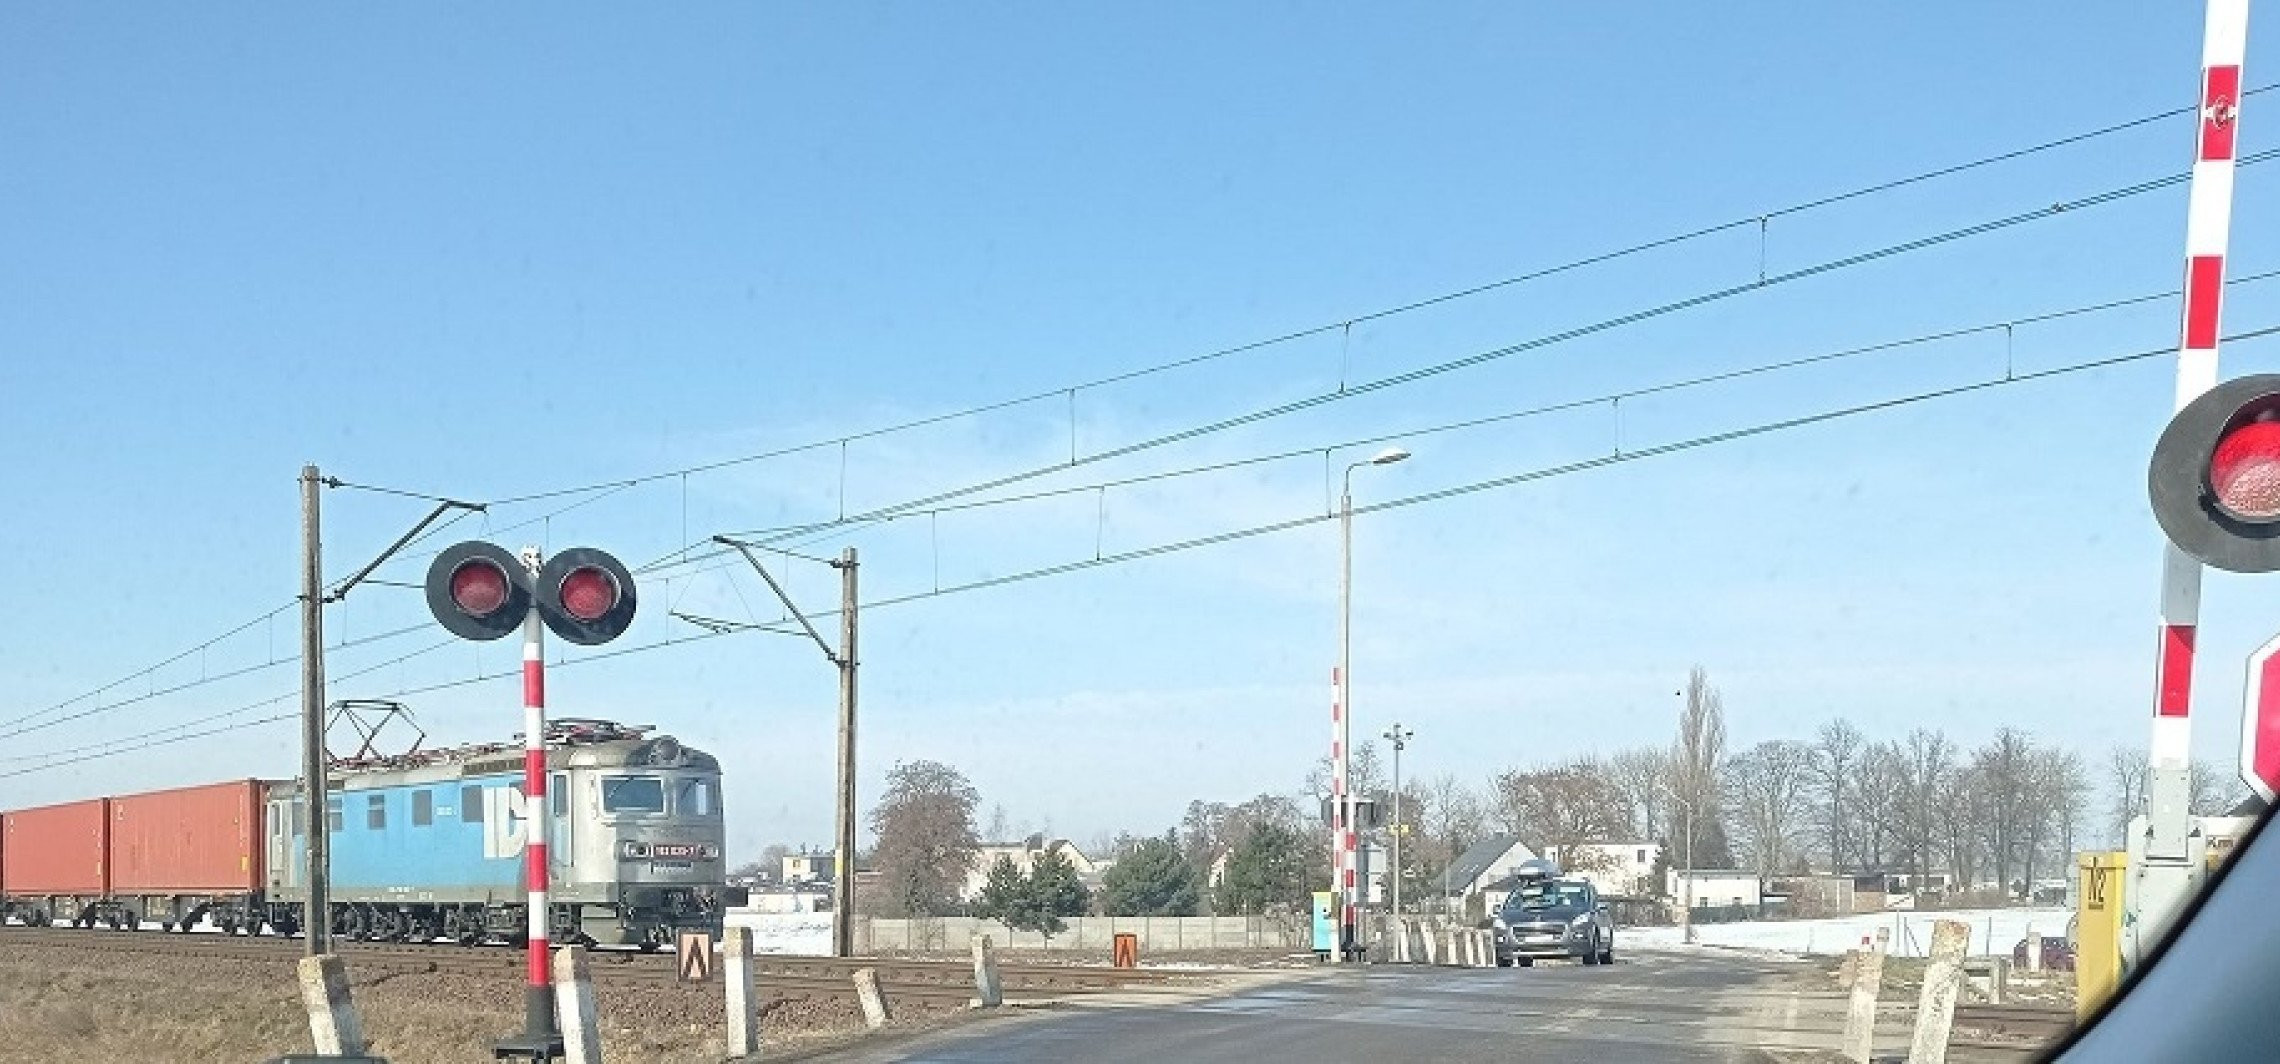 Inowrocław - PKP: sygnalizacja na przejeździe jest sprawna